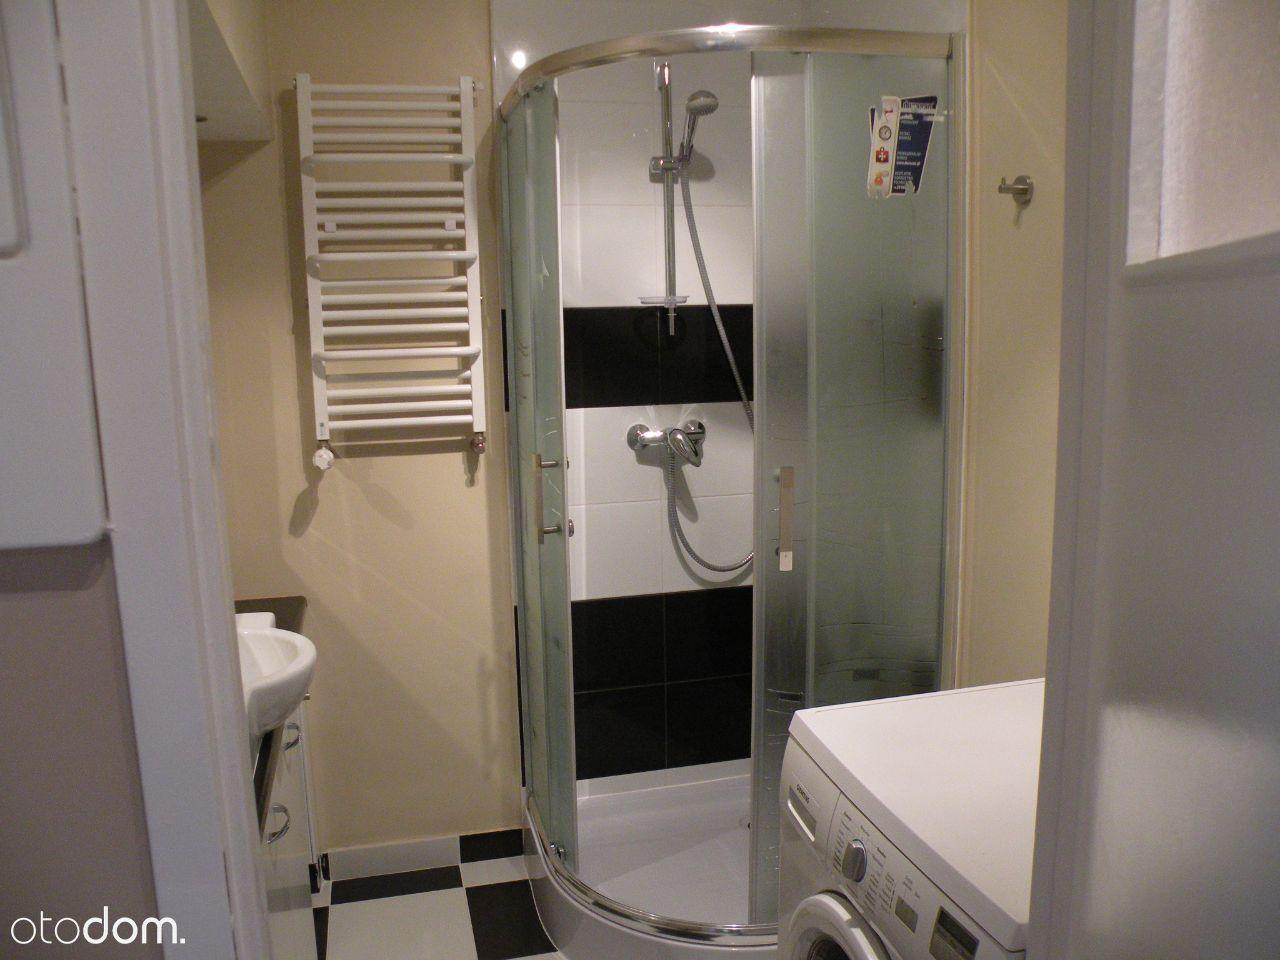 2-pokoje, blok, bezpośrednio, wyposażone, okazja!